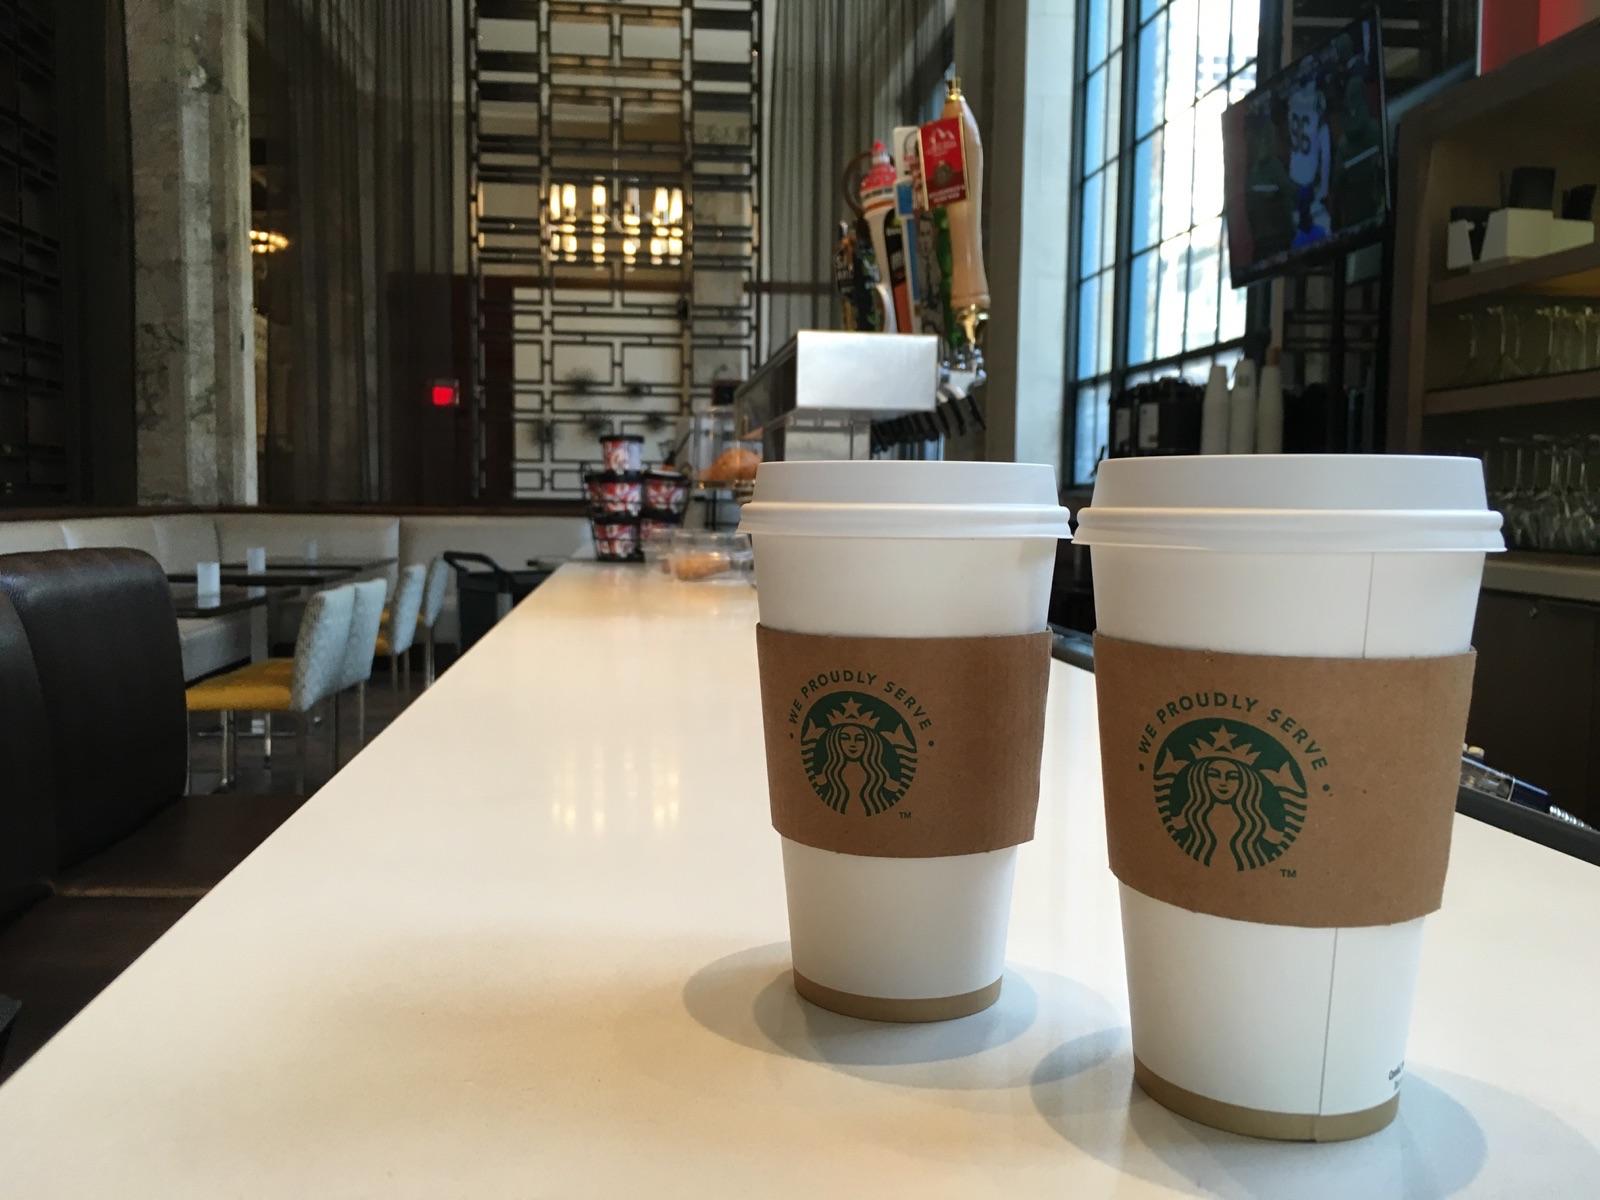 Starbucks en tu hotel. ¿Por qué no?